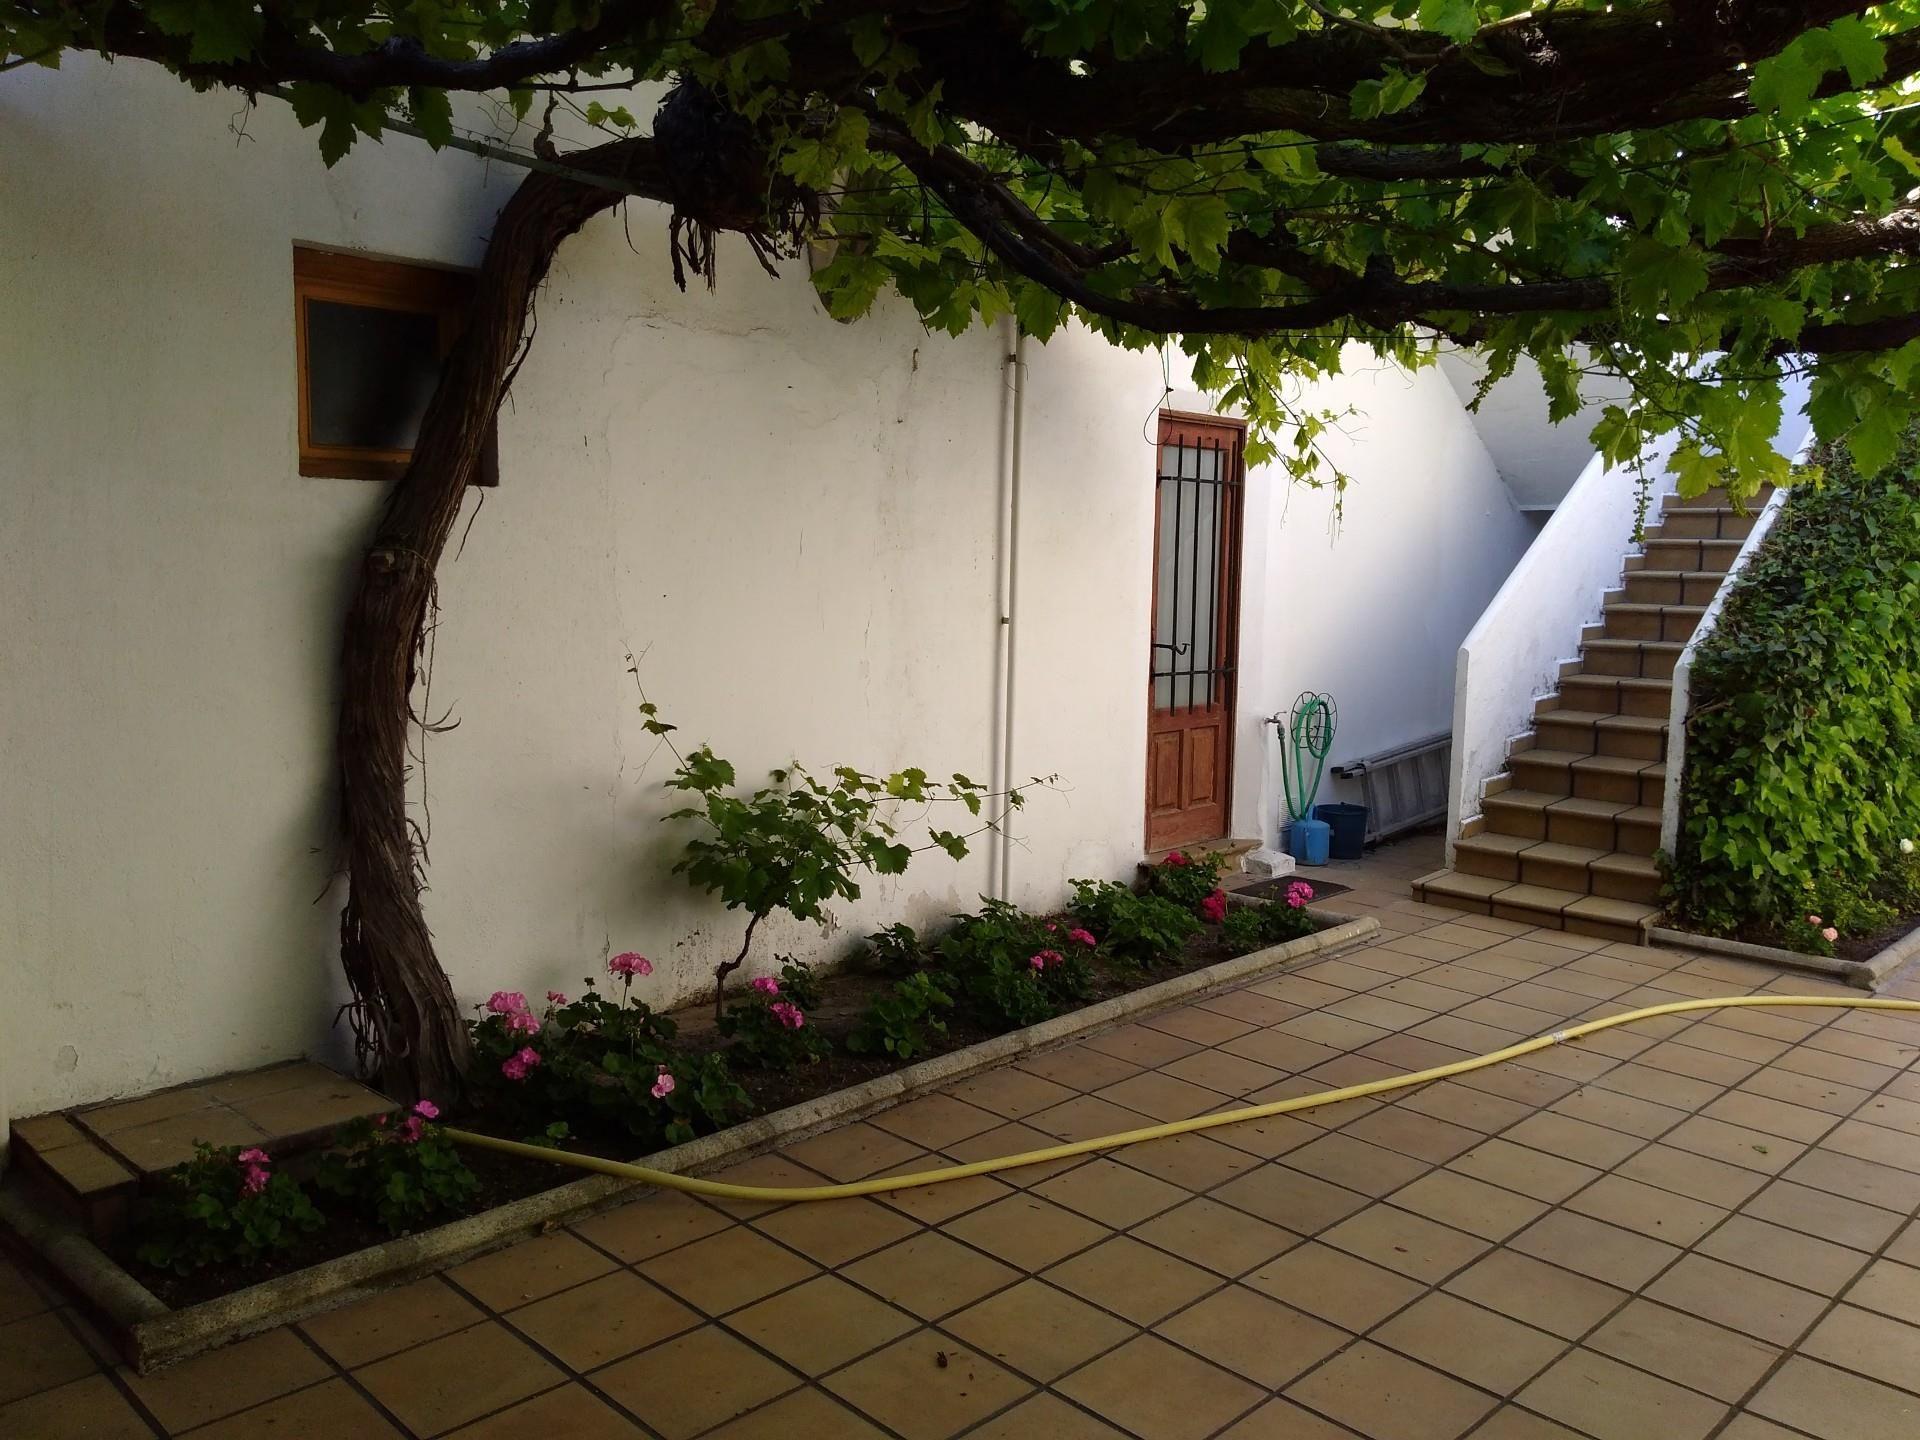 Casa o chalet de alquiler en Calle Calle San Pedro, 2, Íscar (Íscar, Valladolid)